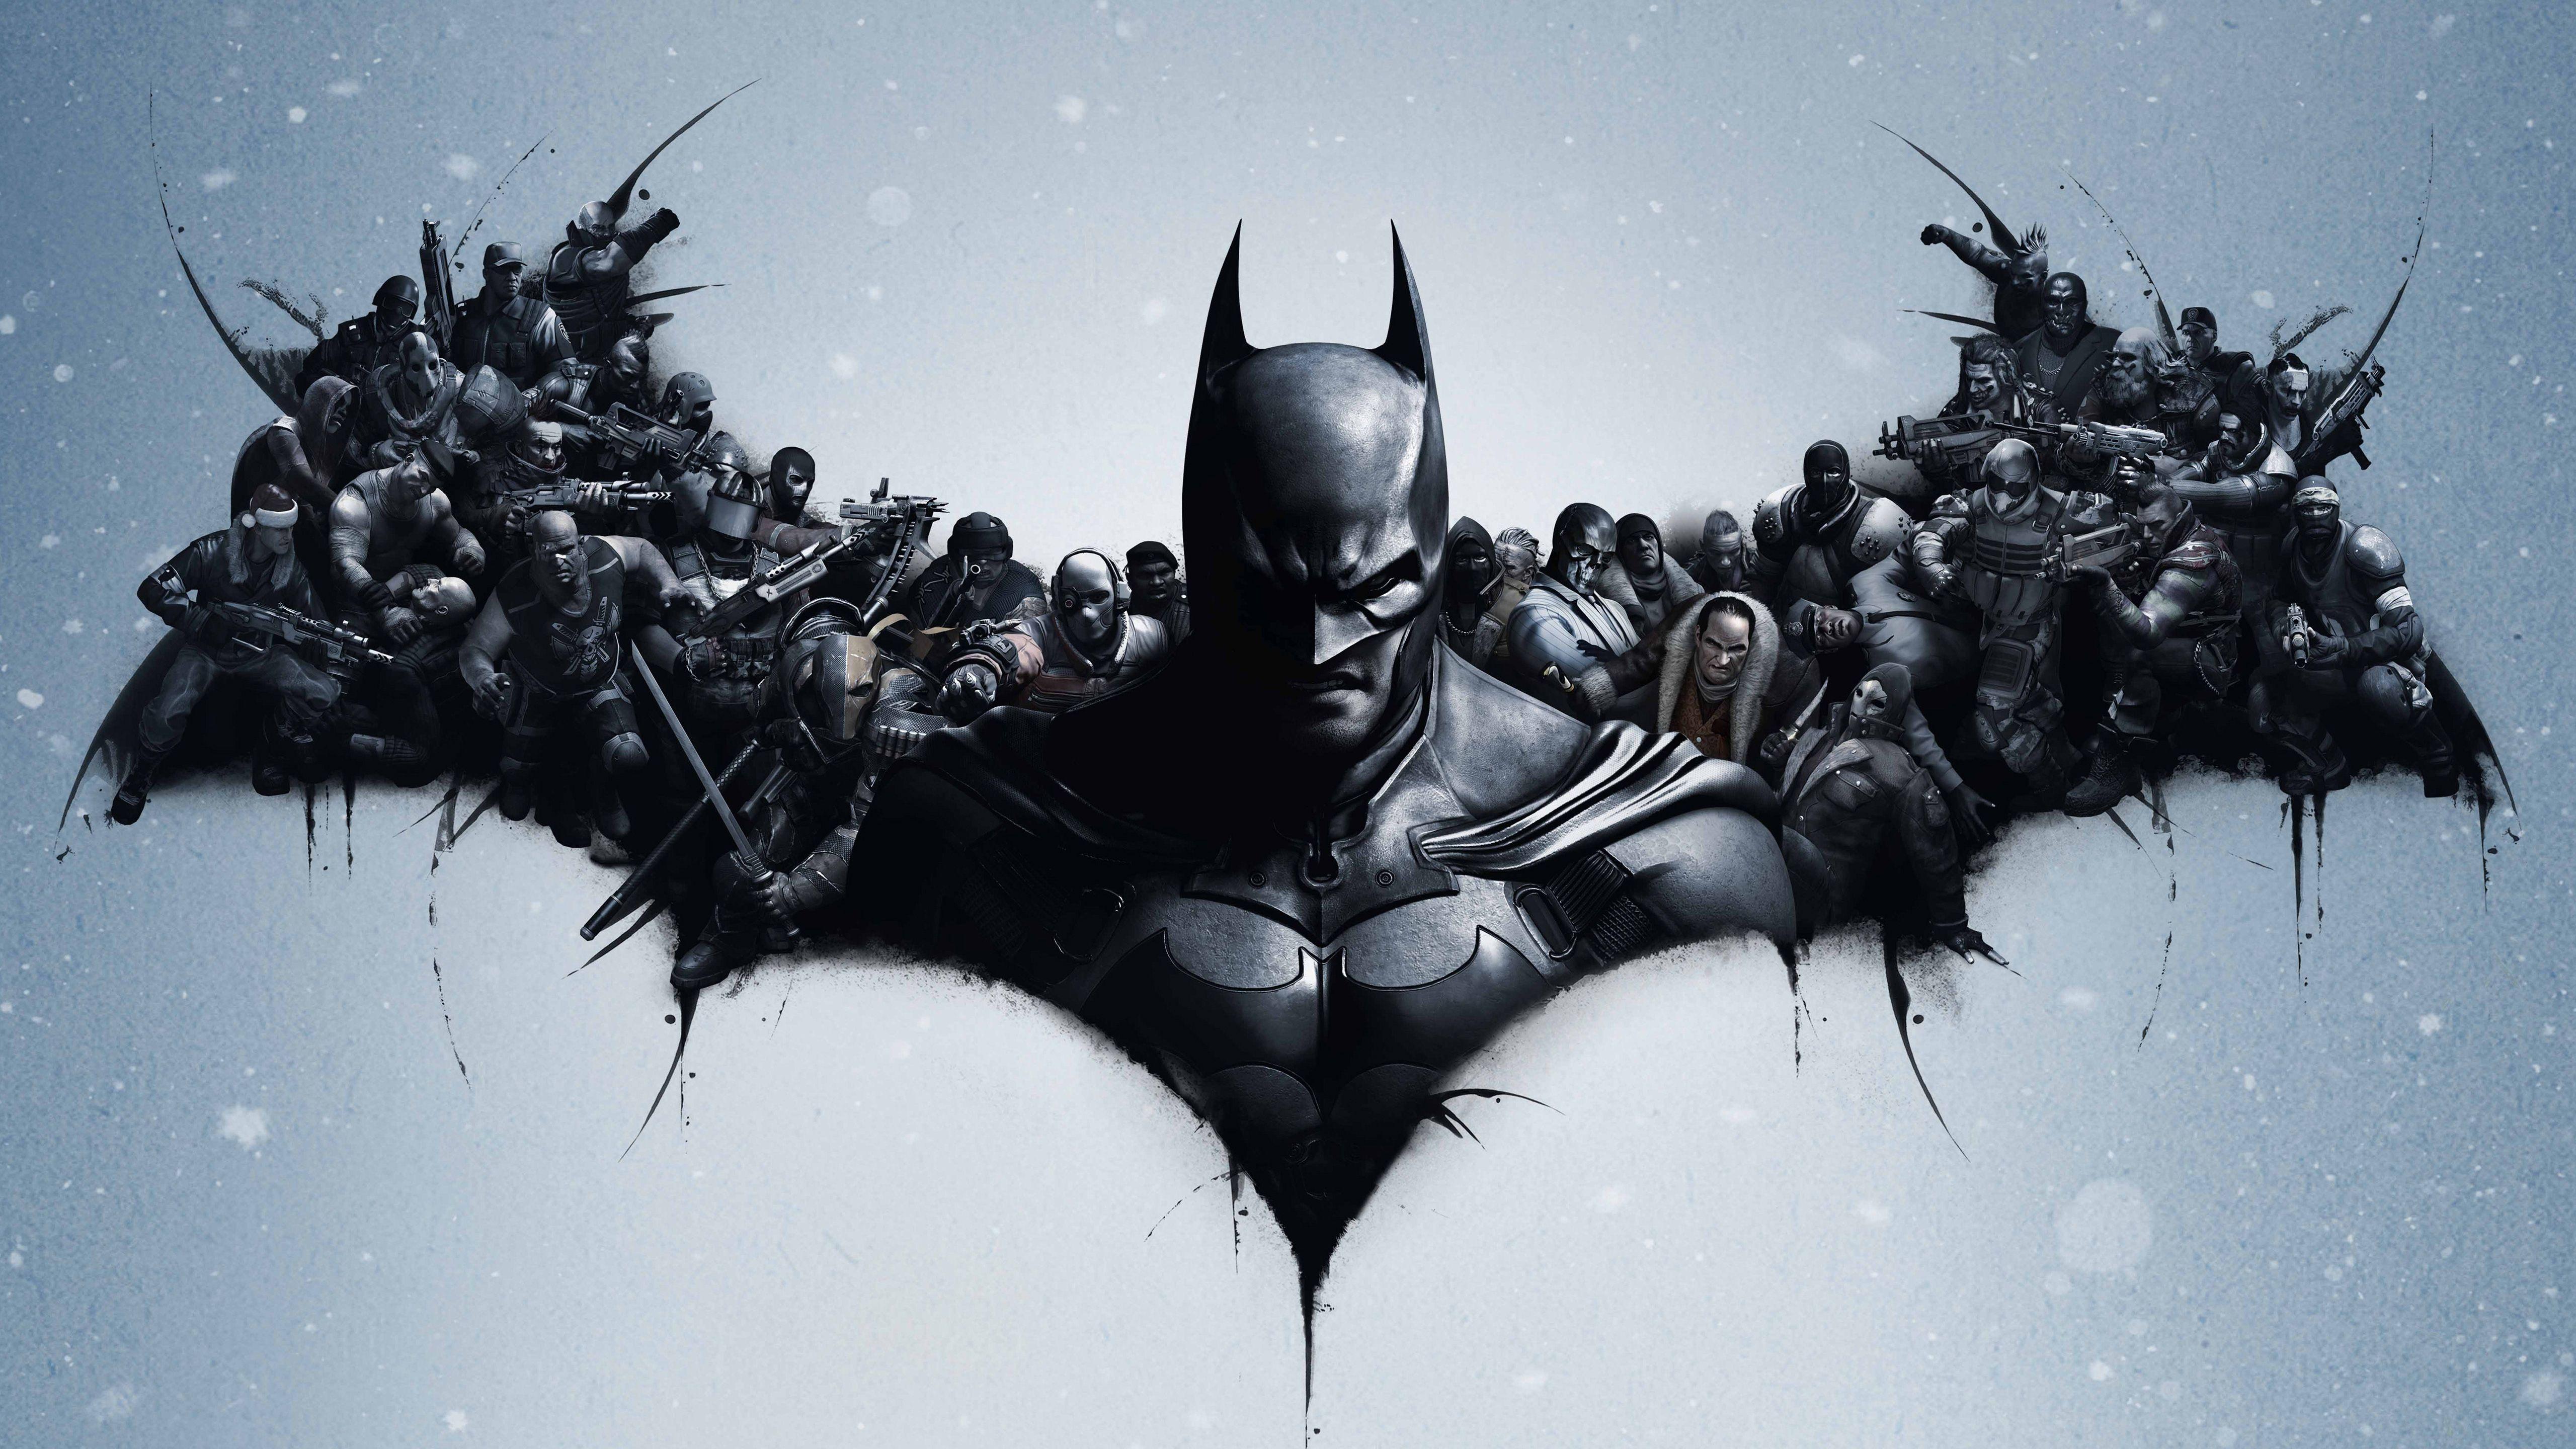 batman hd pics, batman background hd